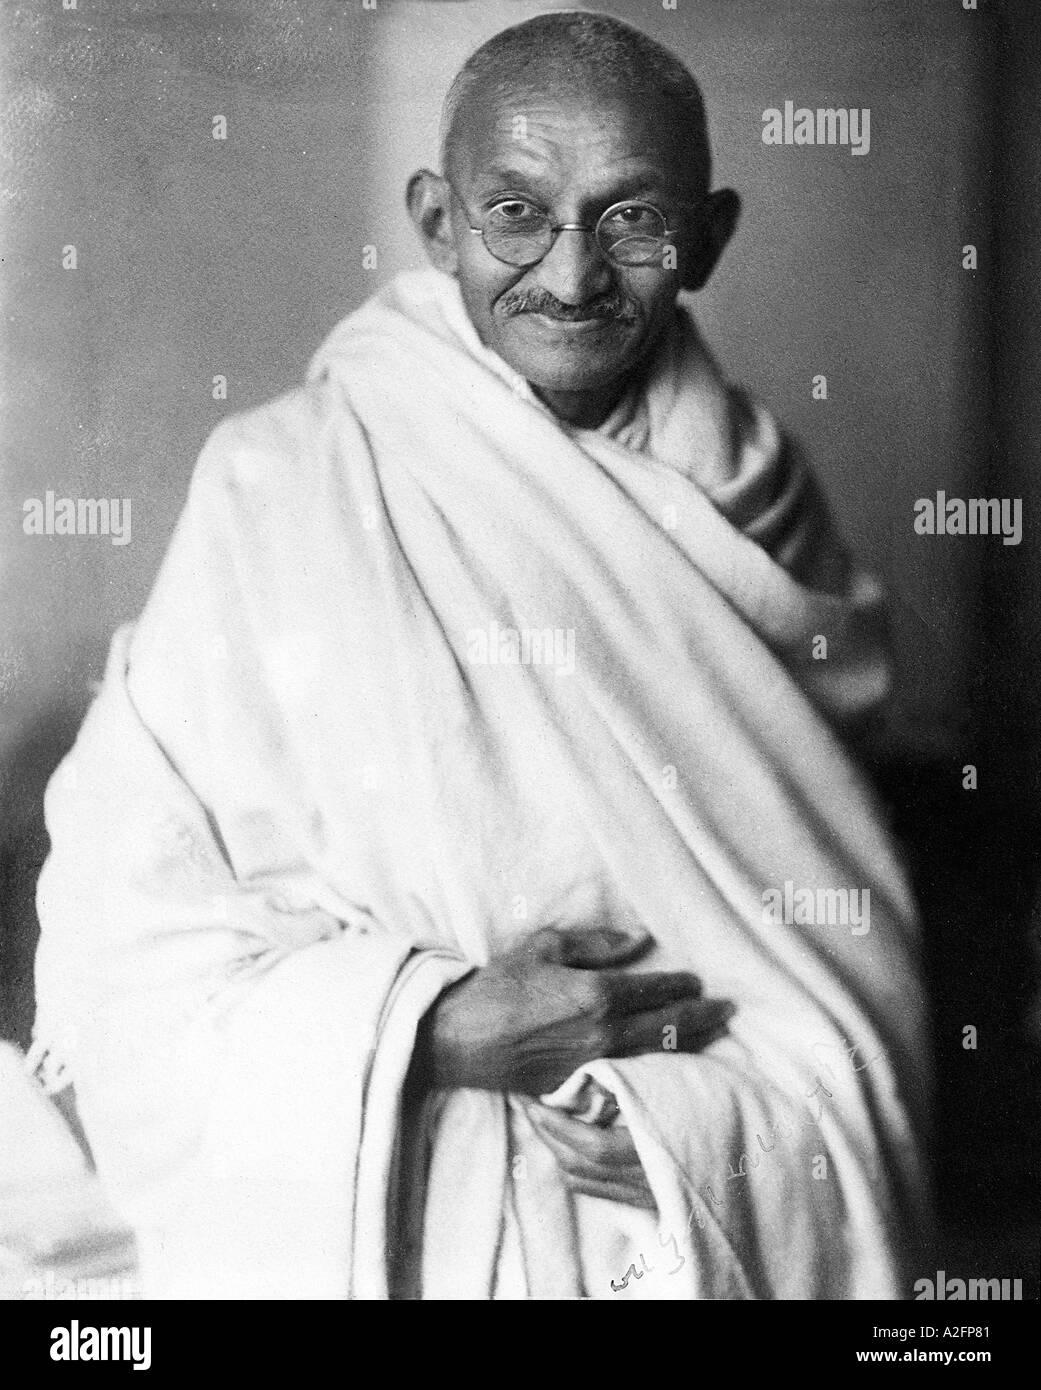 Estúdio de fotografia rara de Mahatma Gandhi tomadas em Londres, Inglaterra, a pedido do senhor Irwin 1931 Imagens de Stock